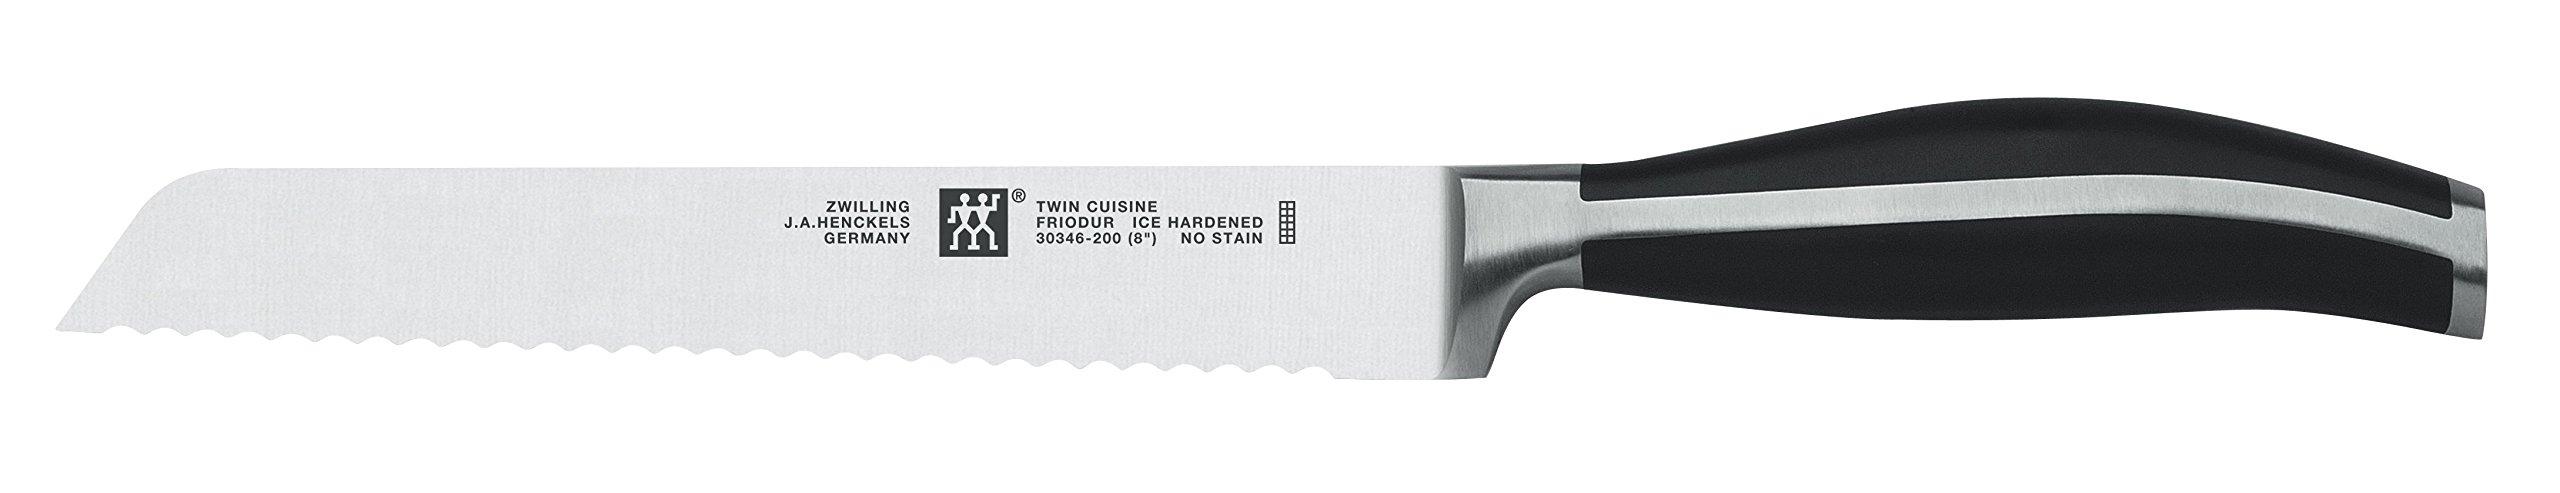 Zwilling 30346-201-0 Twin Cuisine Bread Knife, Silver/Black